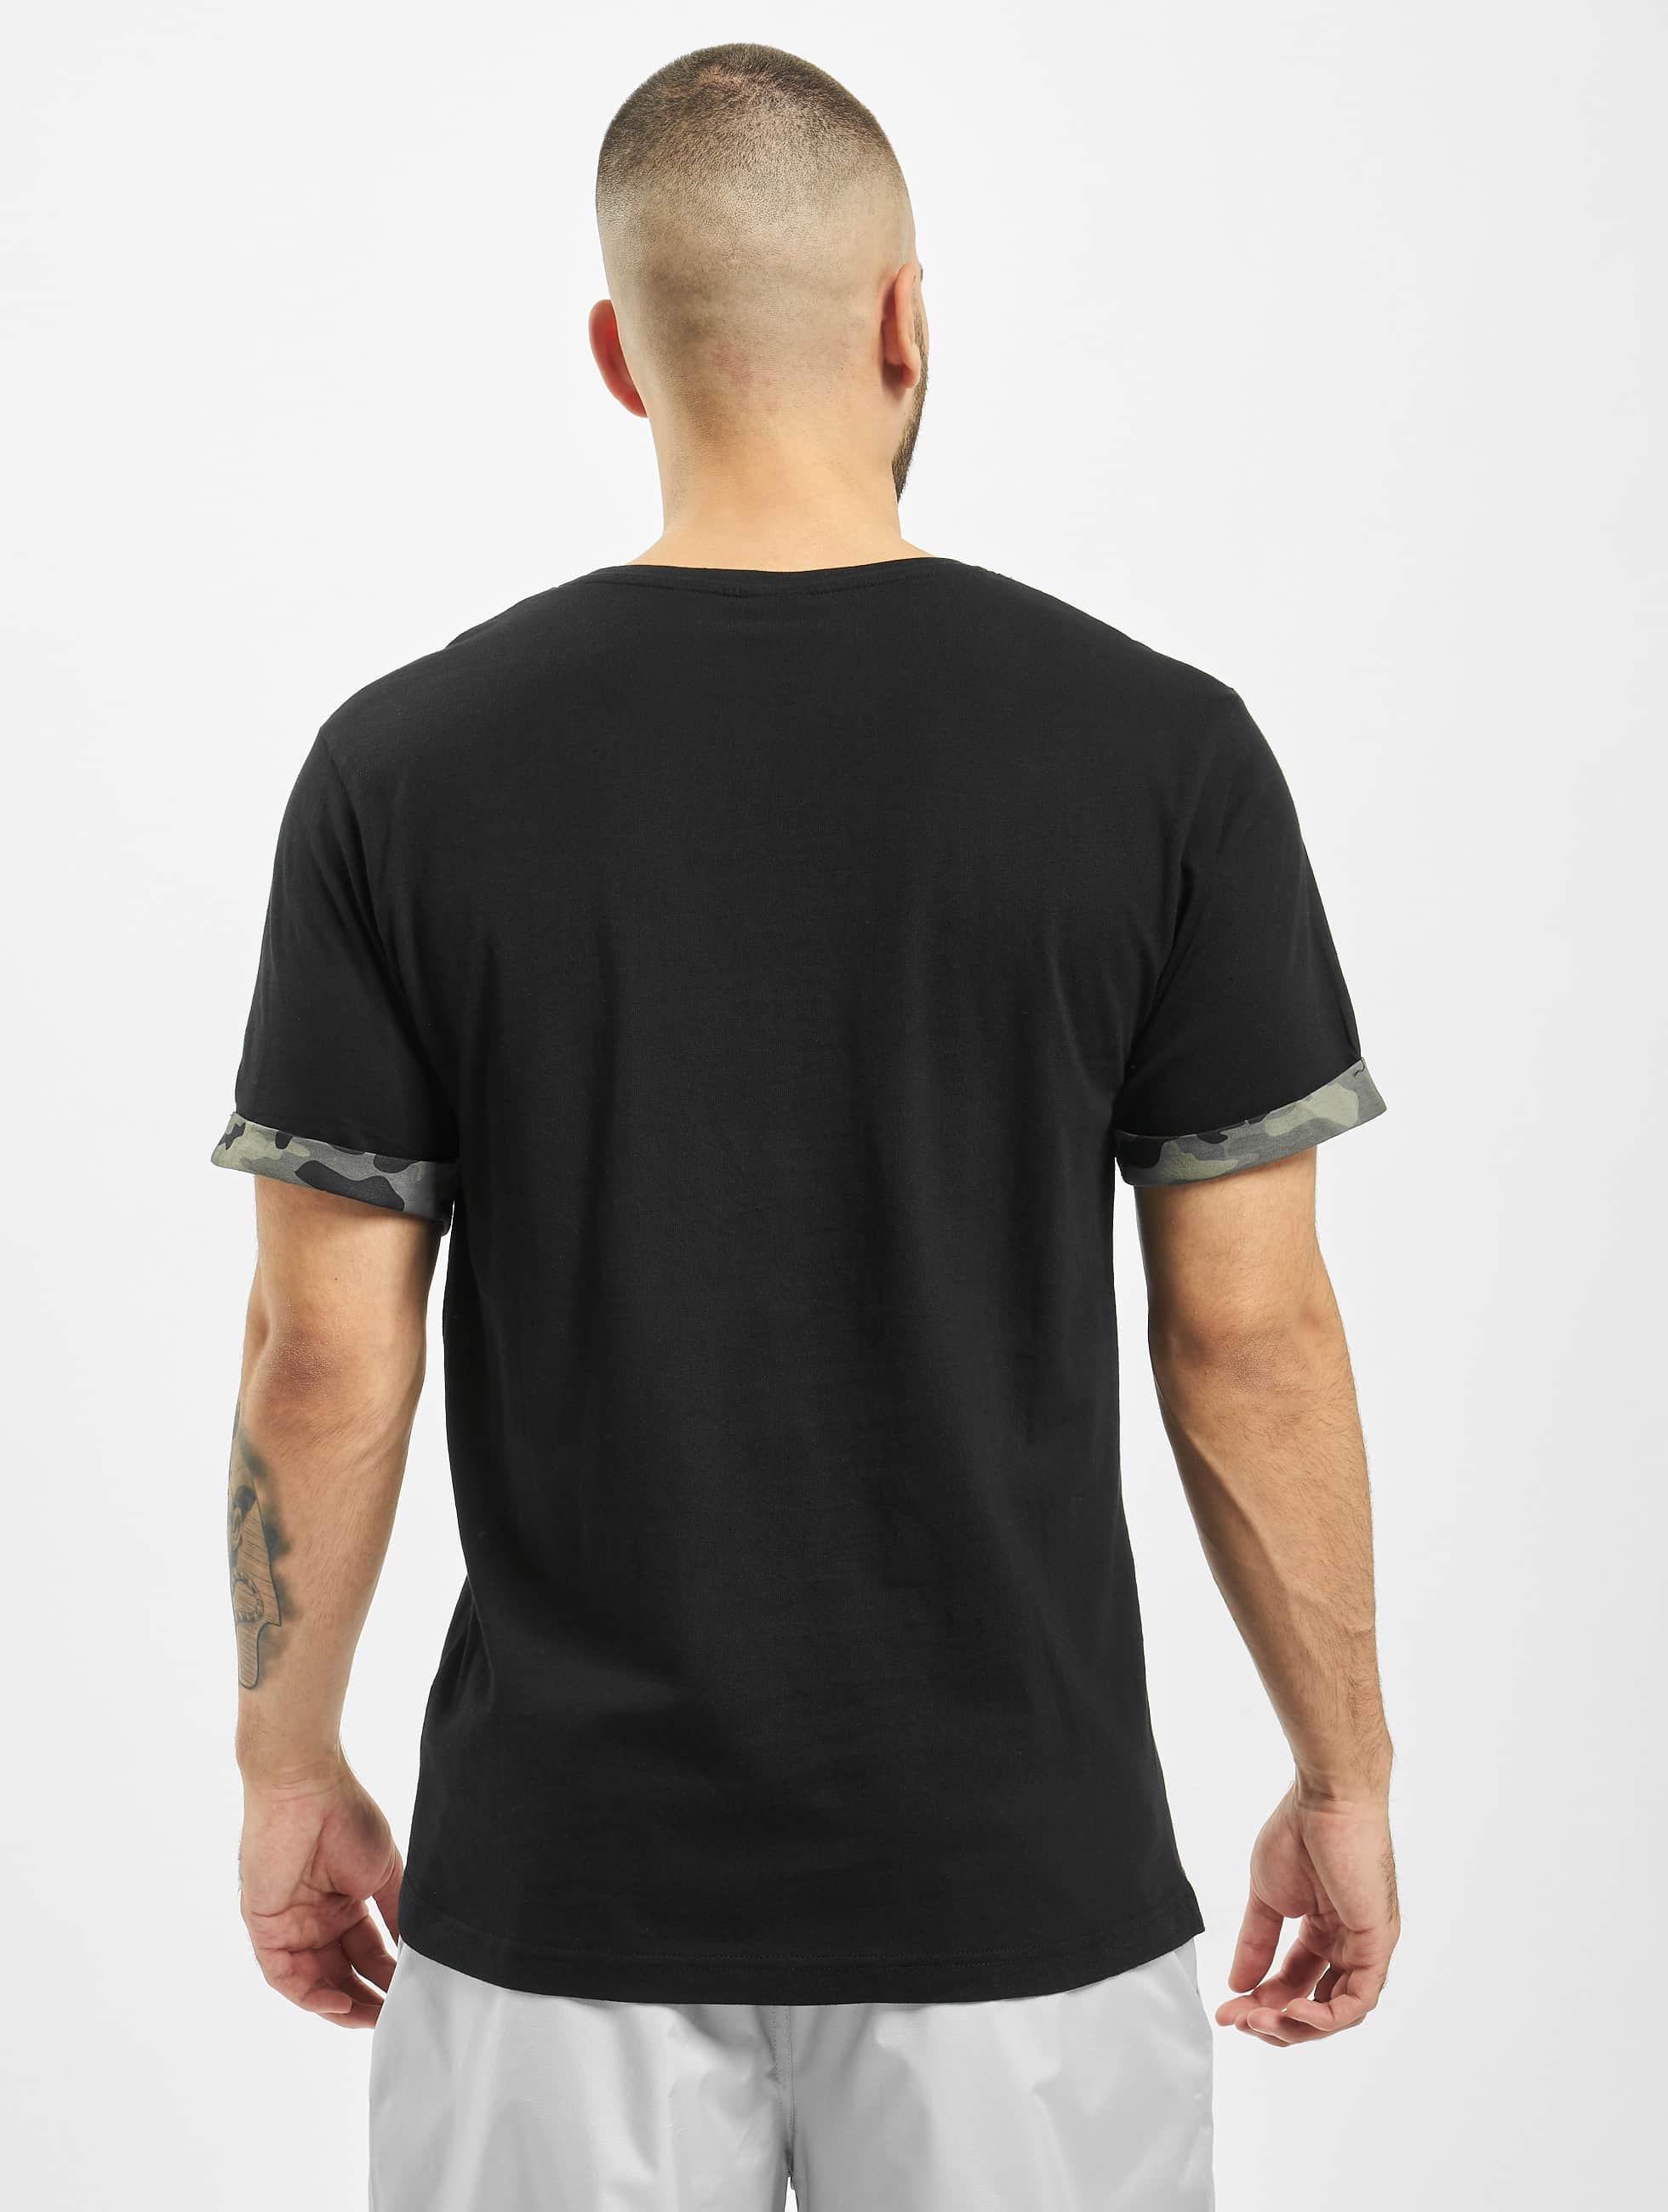 Urban Classics T-Shirt Camo Contrast black